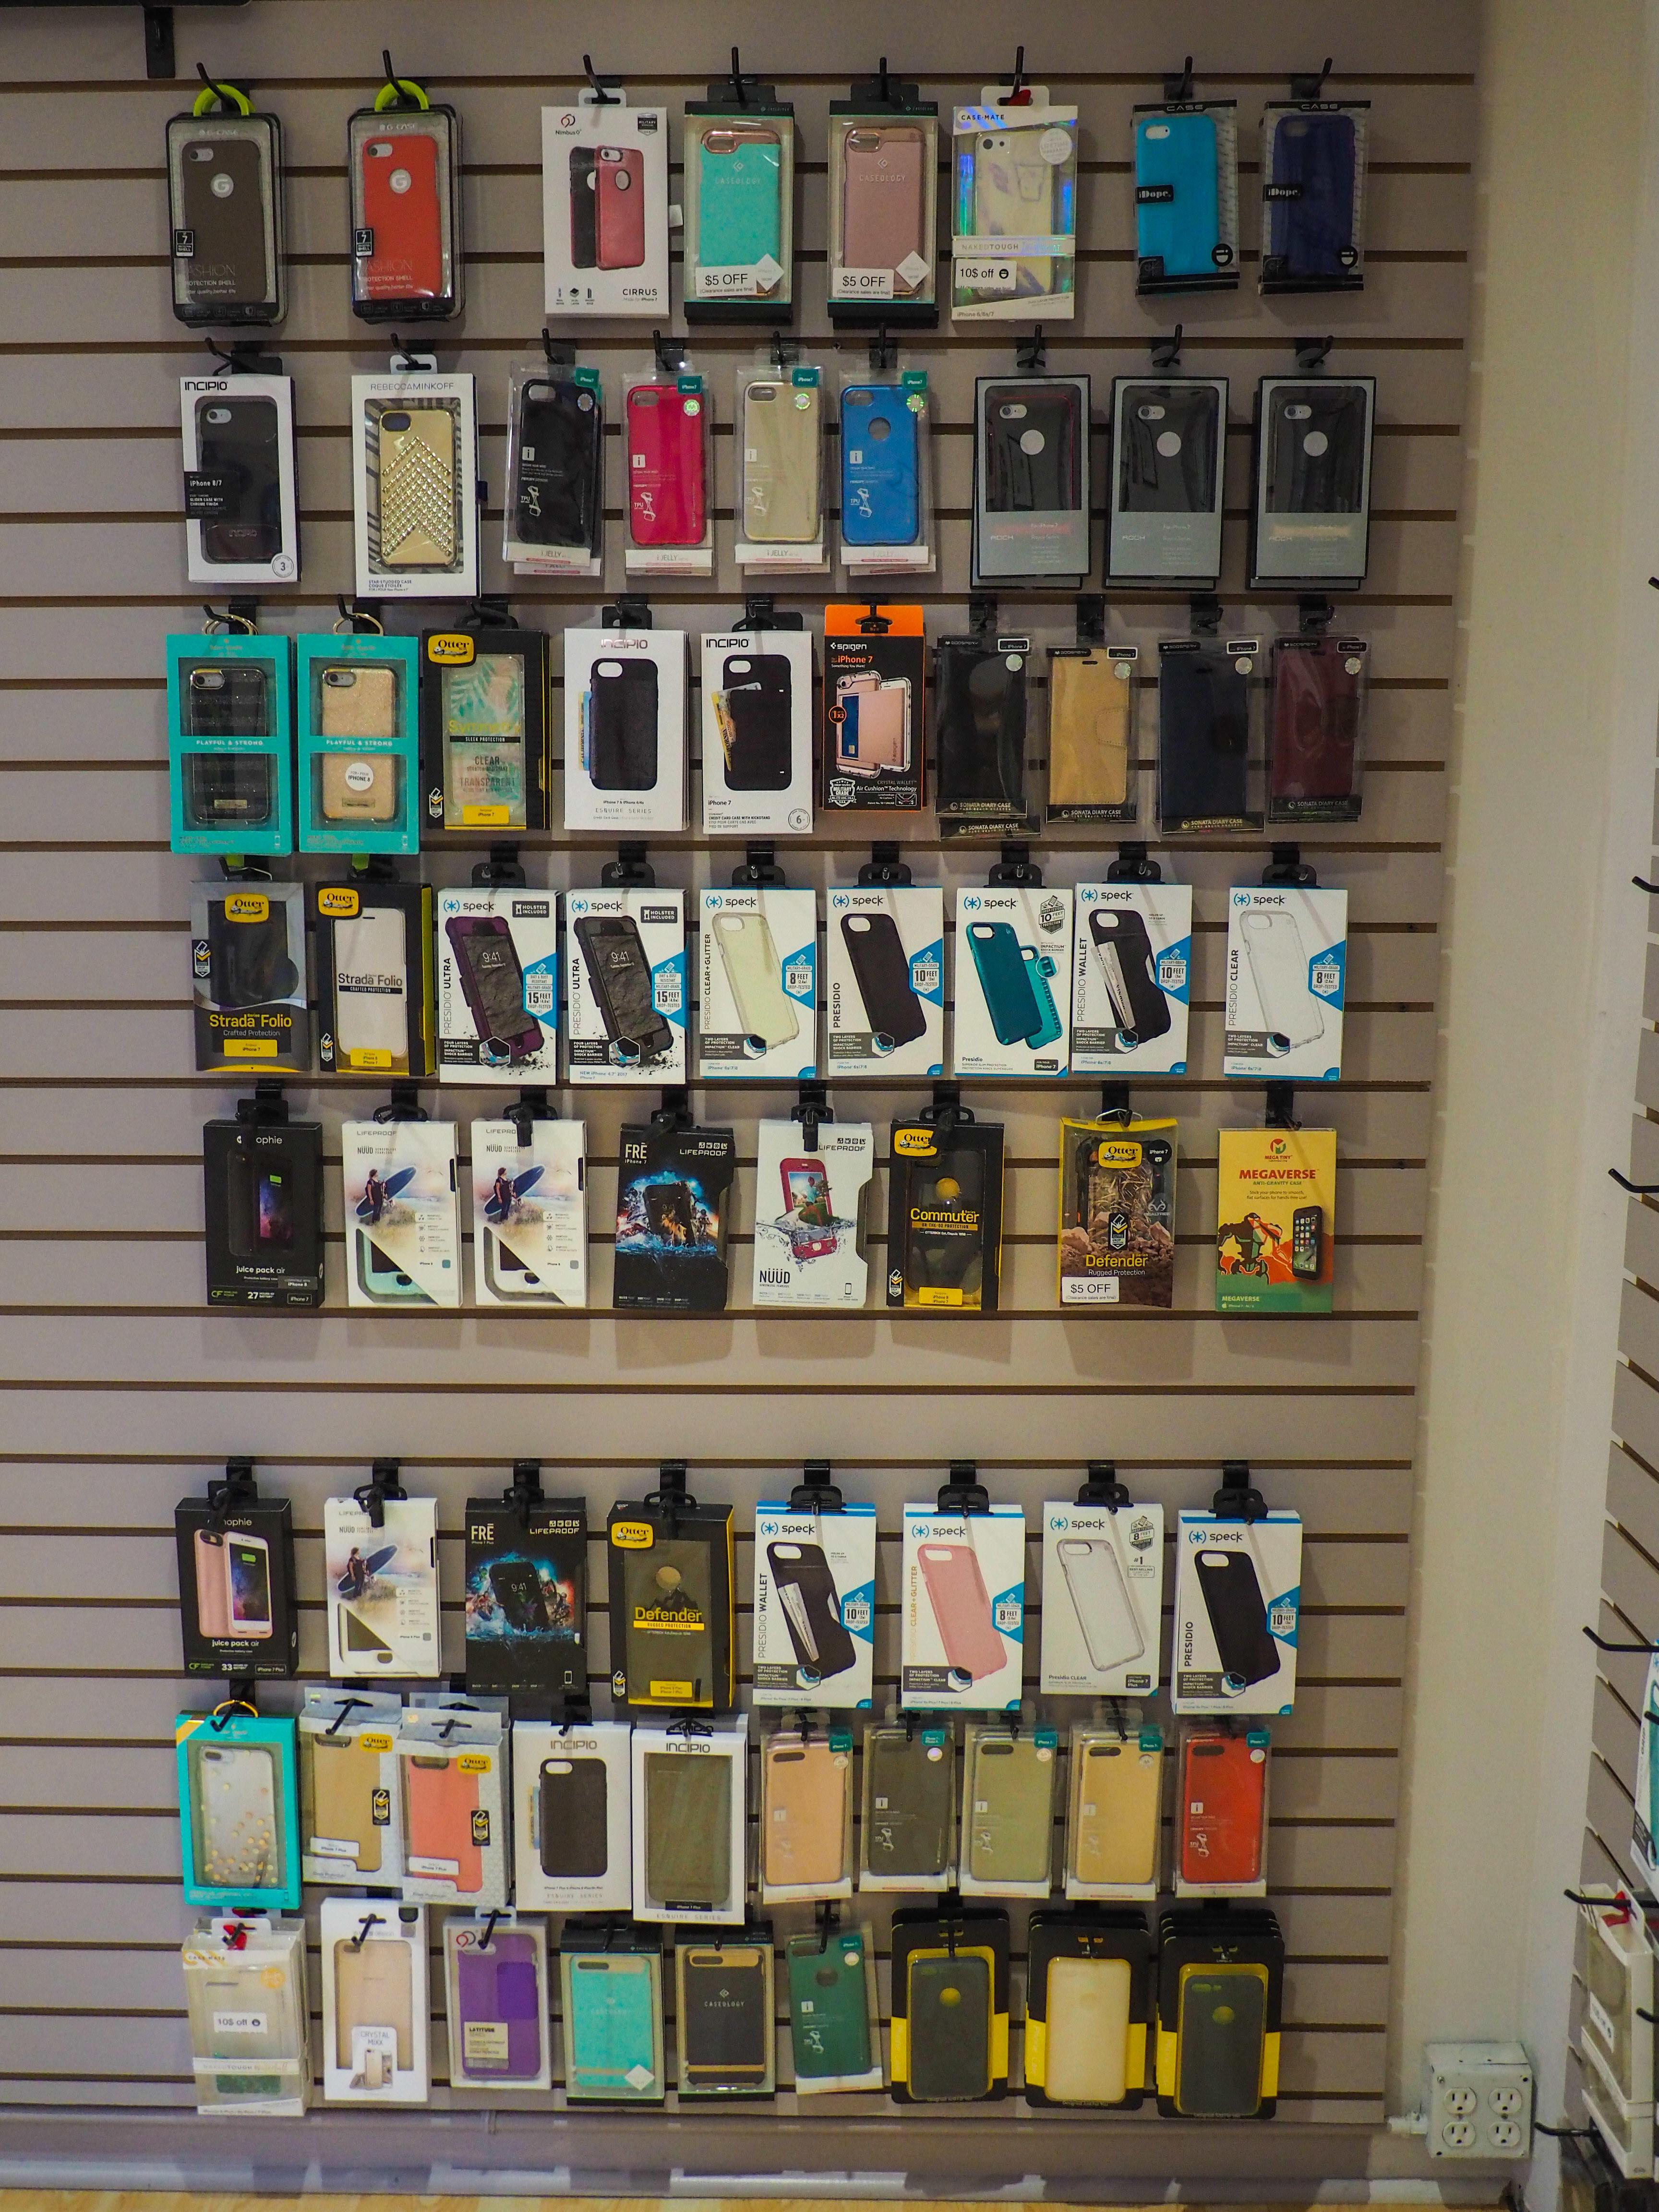 Union City Iphone Repair